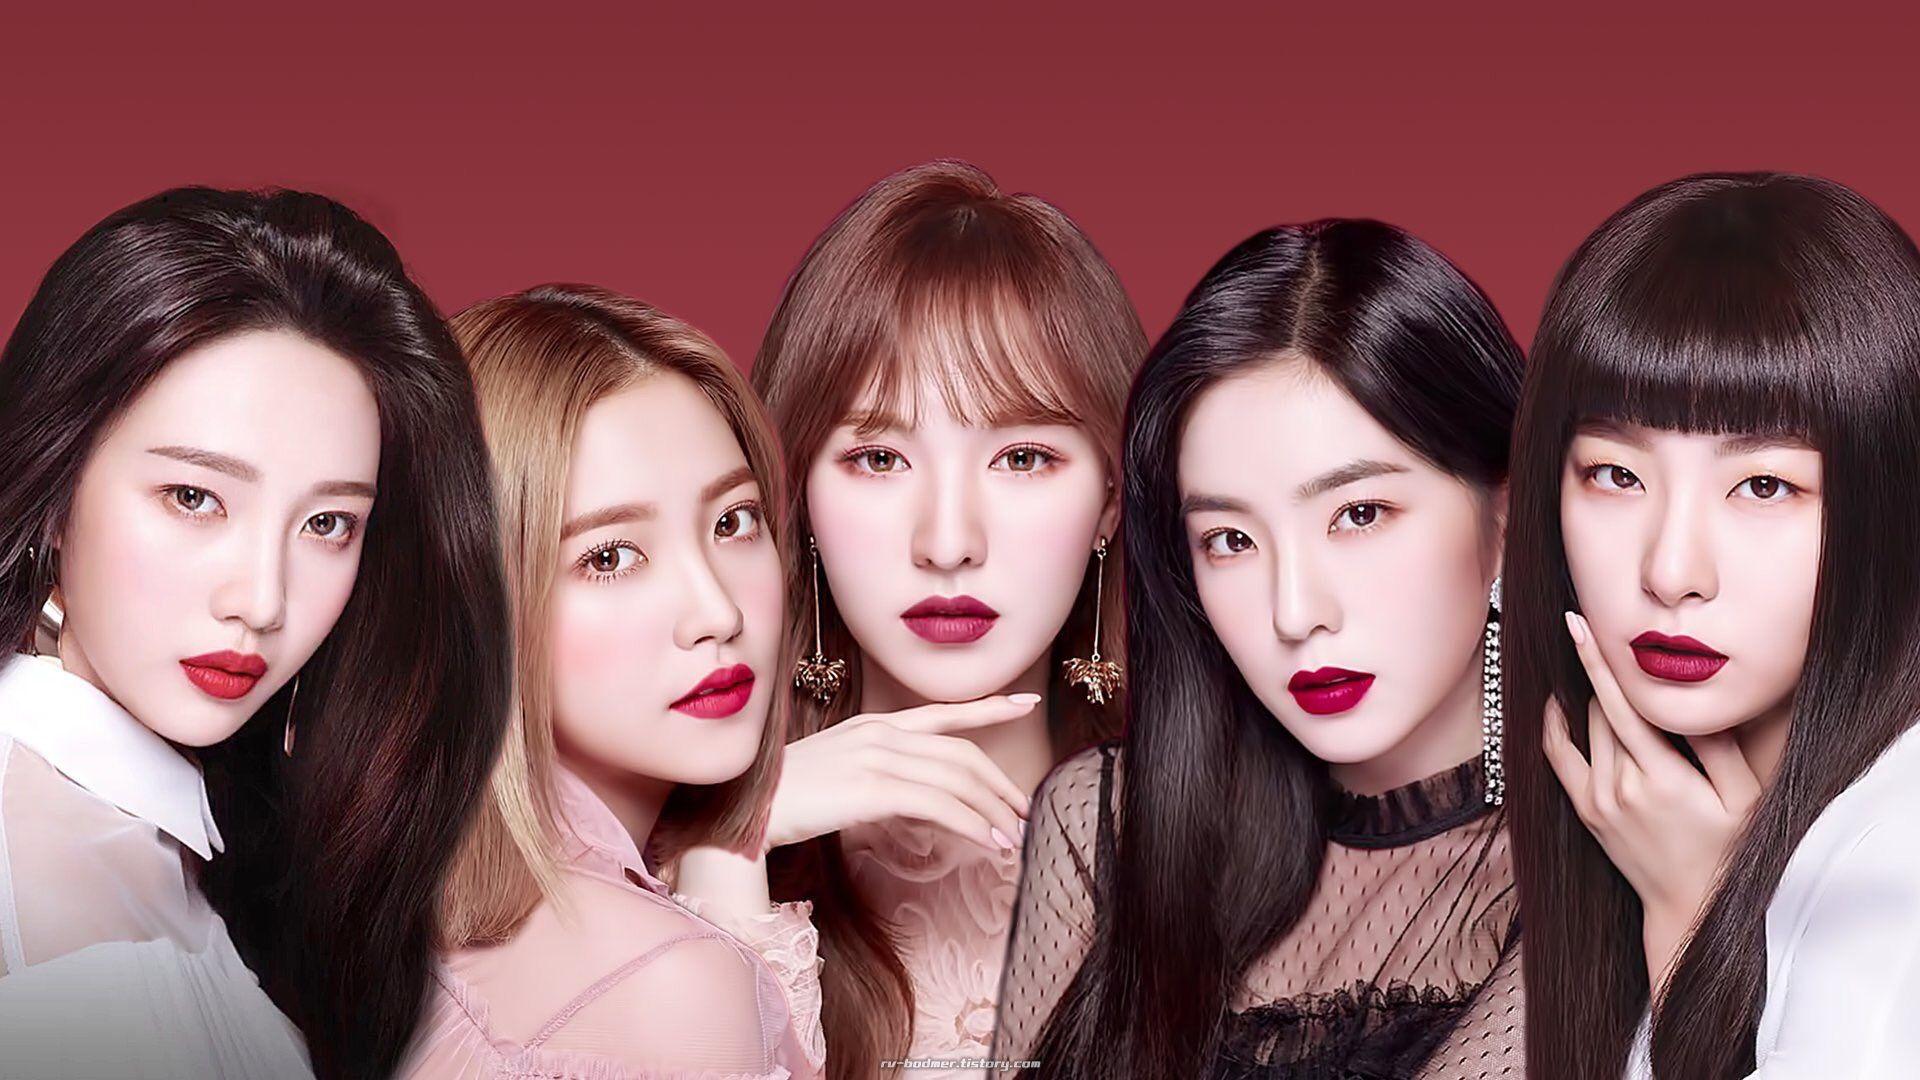 Laptop Red Velvet Wallpaper Hd - osakayuku.com